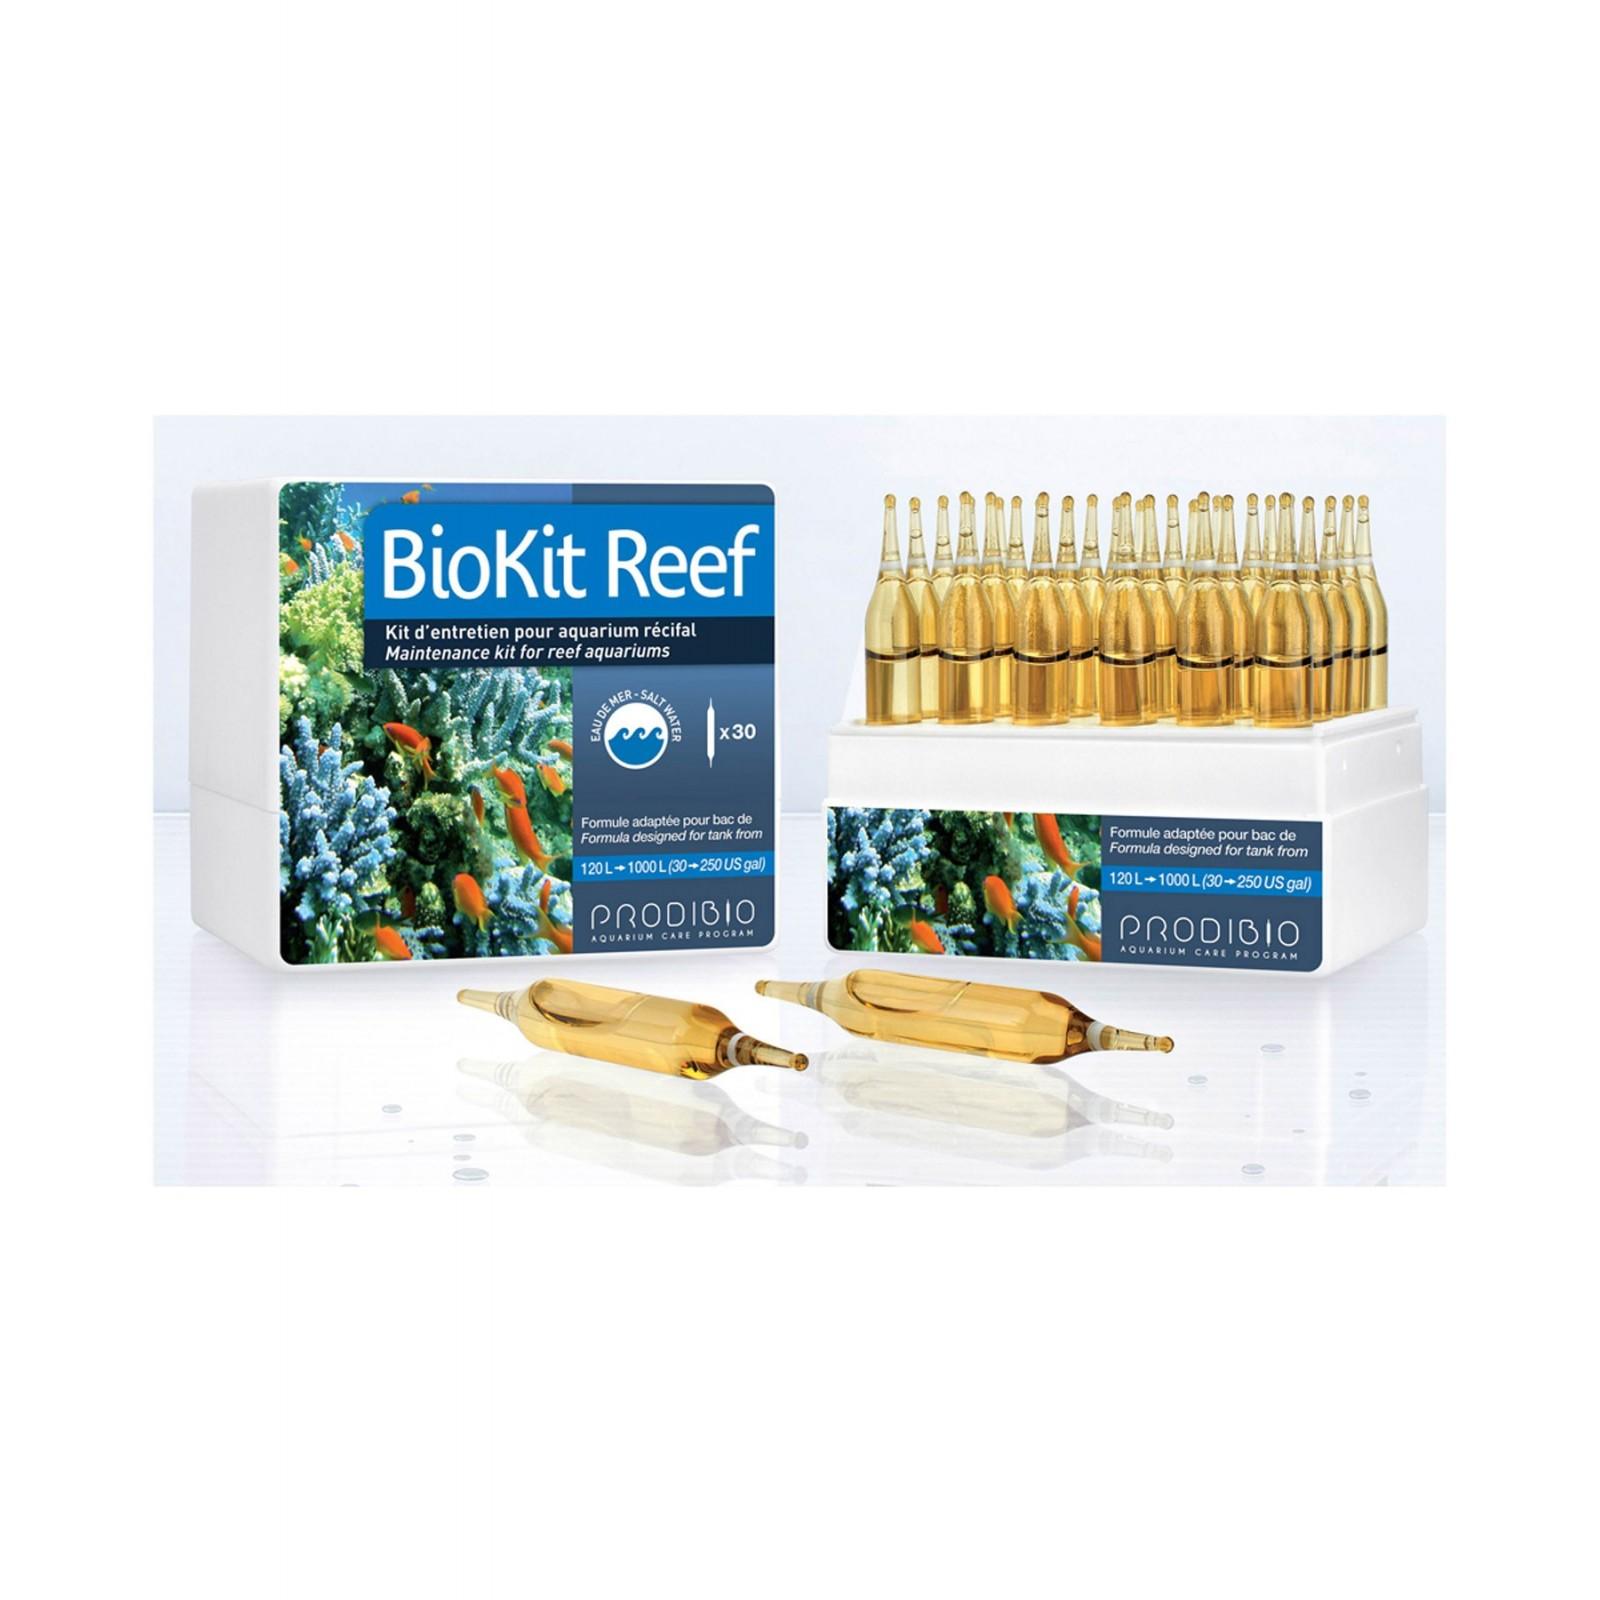 Prodibio BioKit Reef manutenzione completa per acquario marino